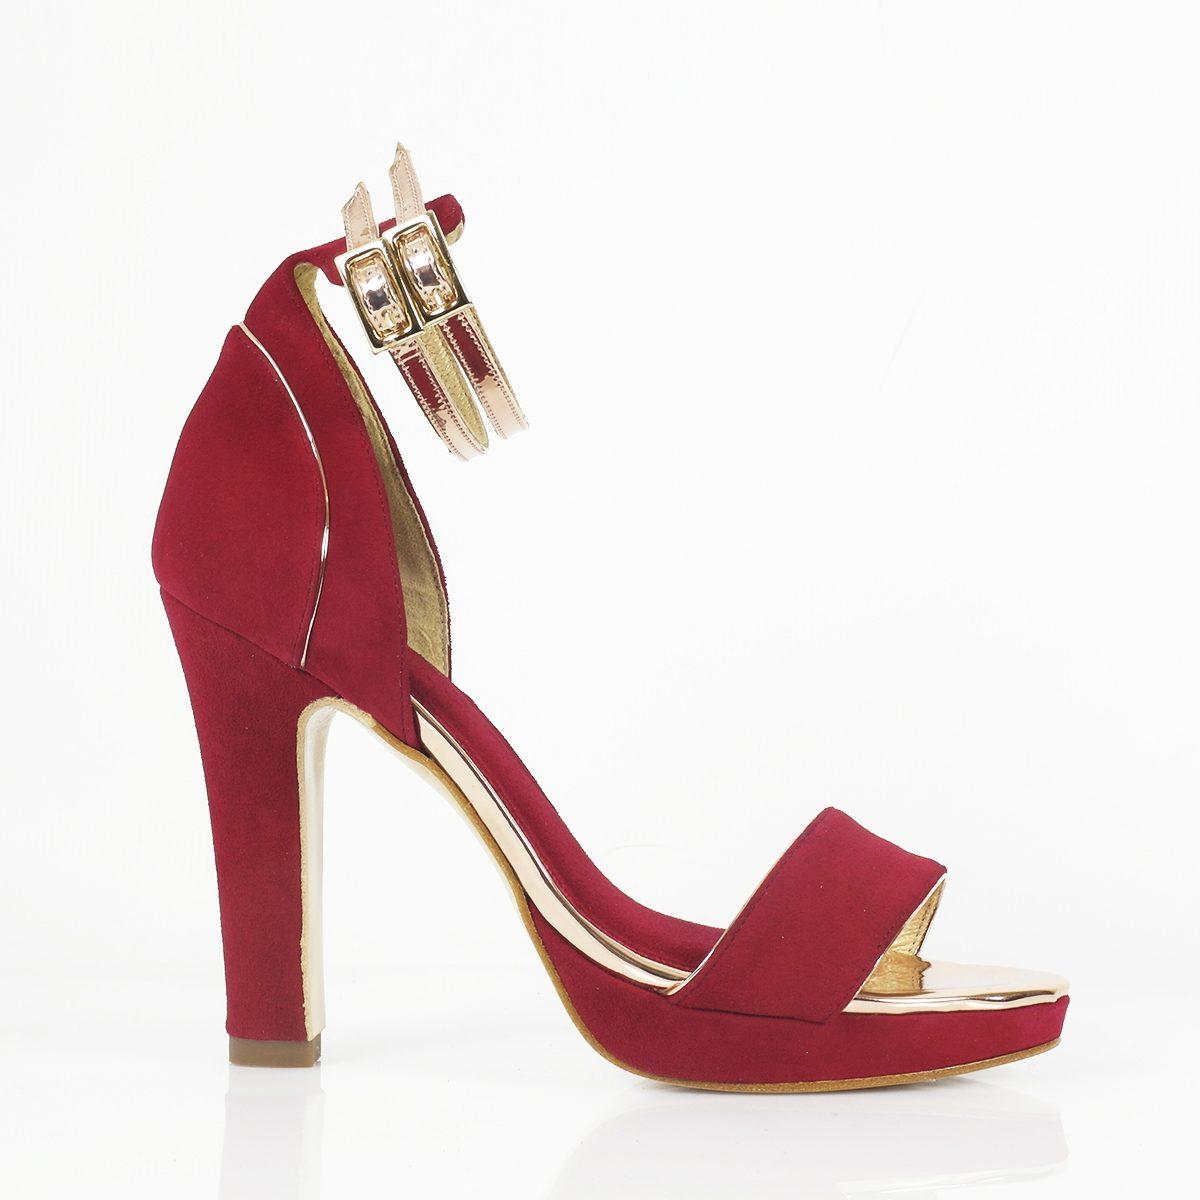 SANDALIA MOD.1378 (10,5cm) - zapato personalizado fiesta